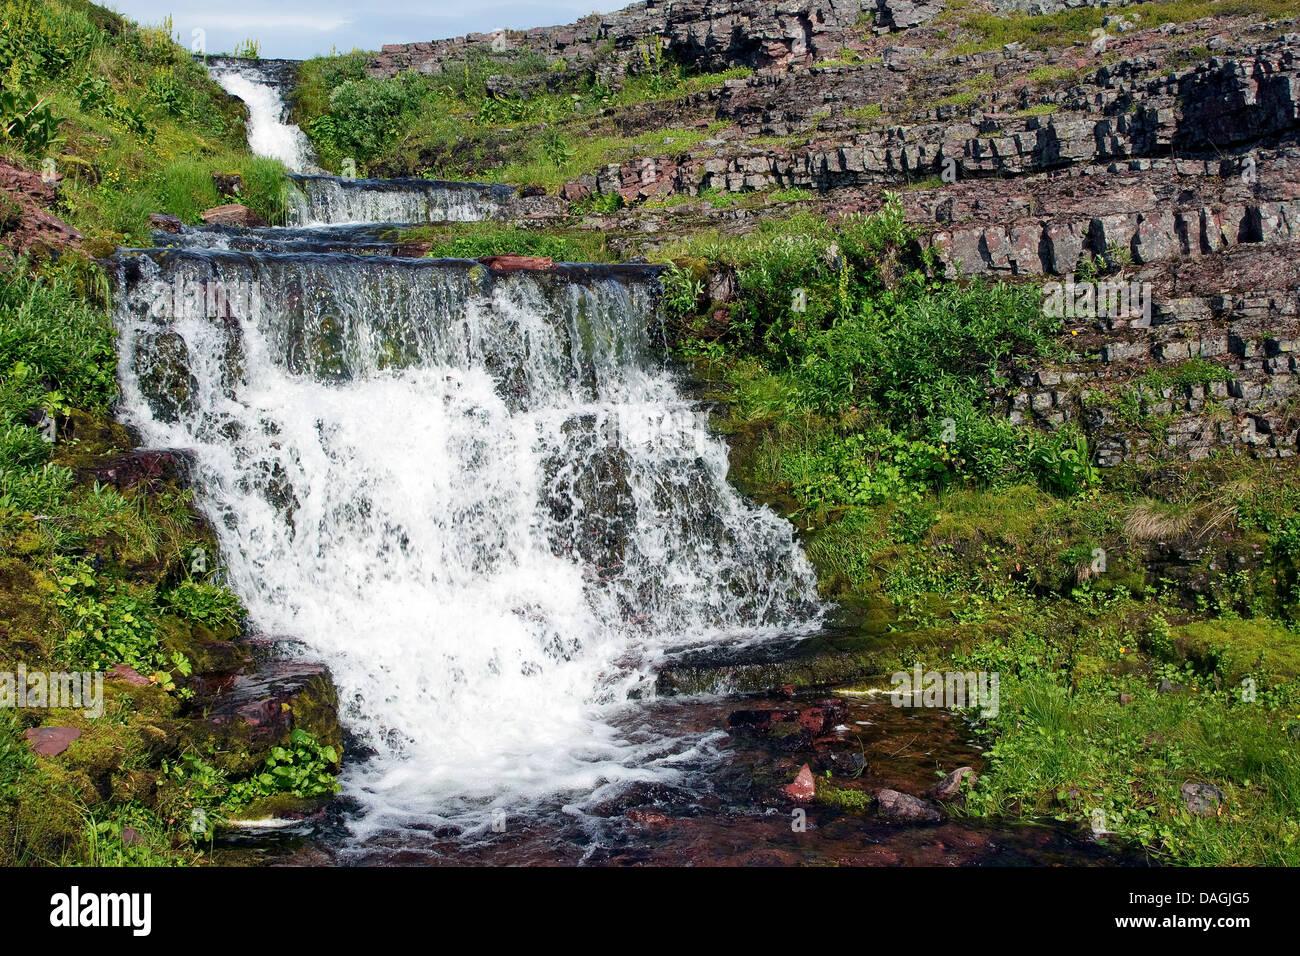 running water, Norway, Varanger Peninsula, Lapland - Stock Image